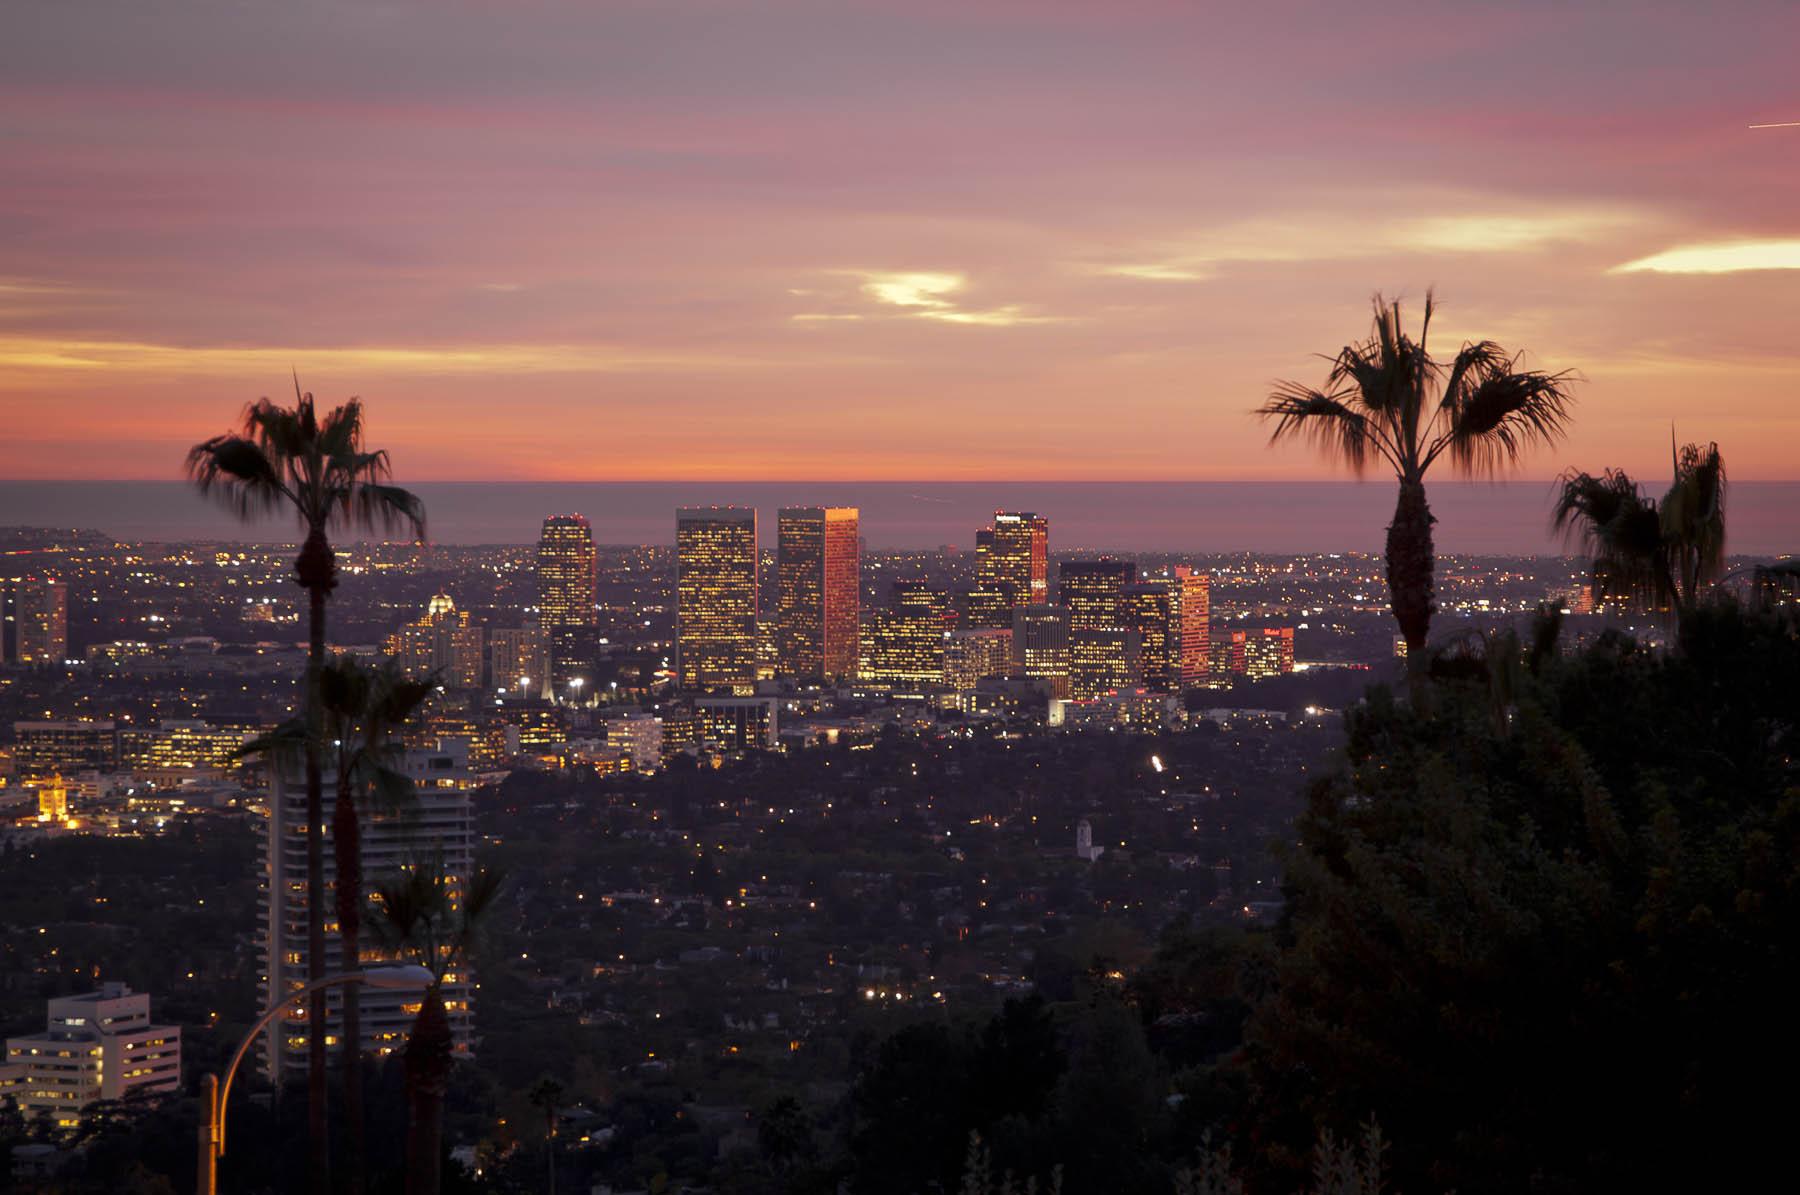 hollywood hills california real estate oren osovski best realtor in hollywood hills. Black Bedroom Furniture Sets. Home Design Ideas